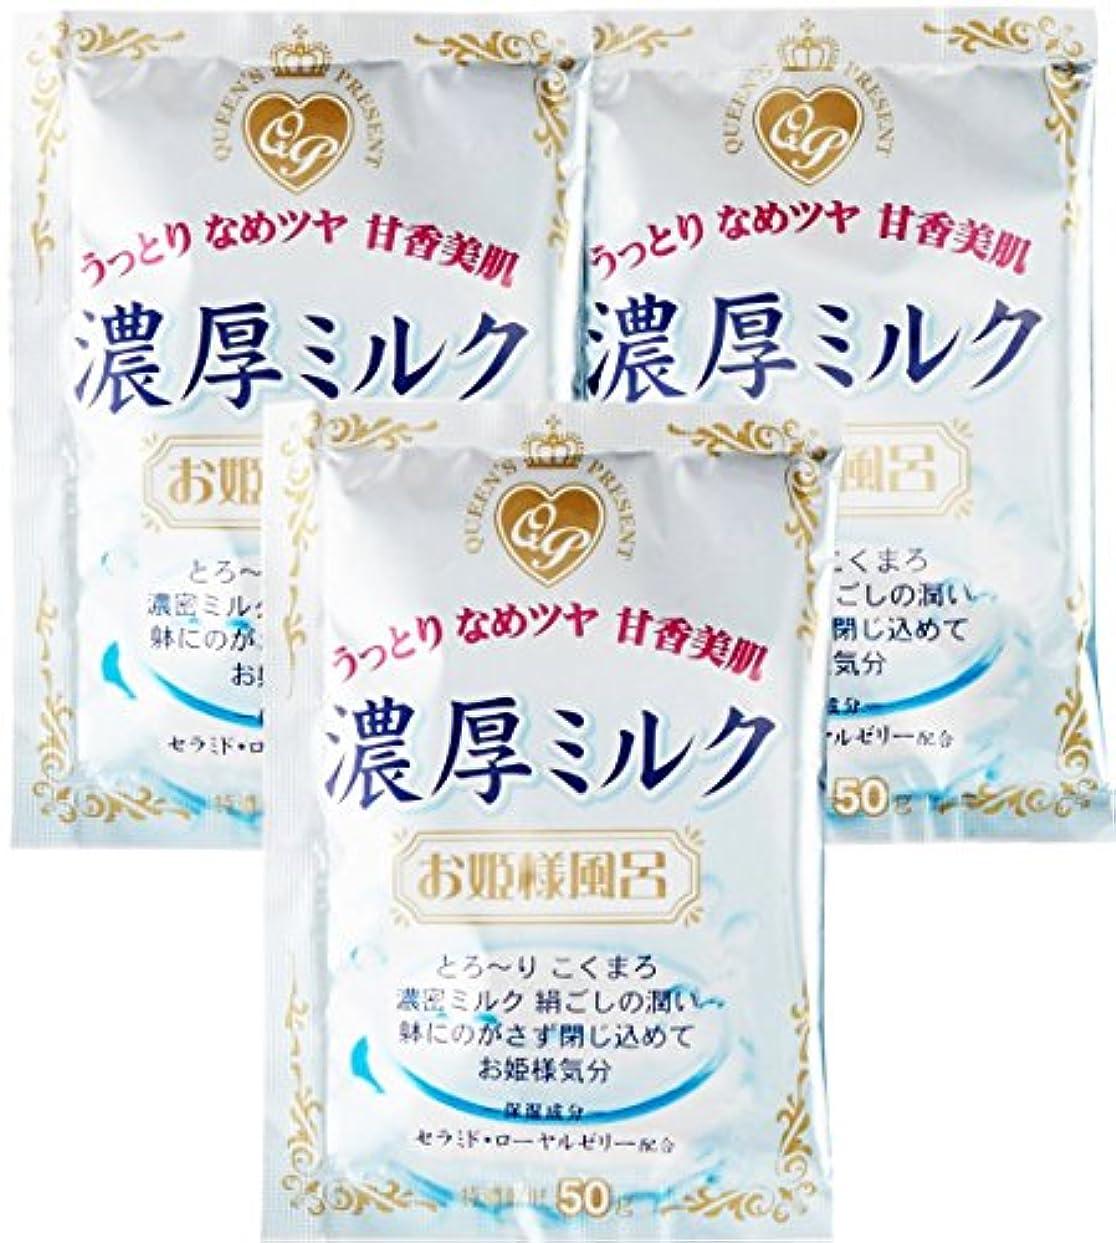 小康糸見ました紀陽除虫菊 『入浴剤 まとめ買い』 お姫様風呂 濃厚ミルク 3包セット